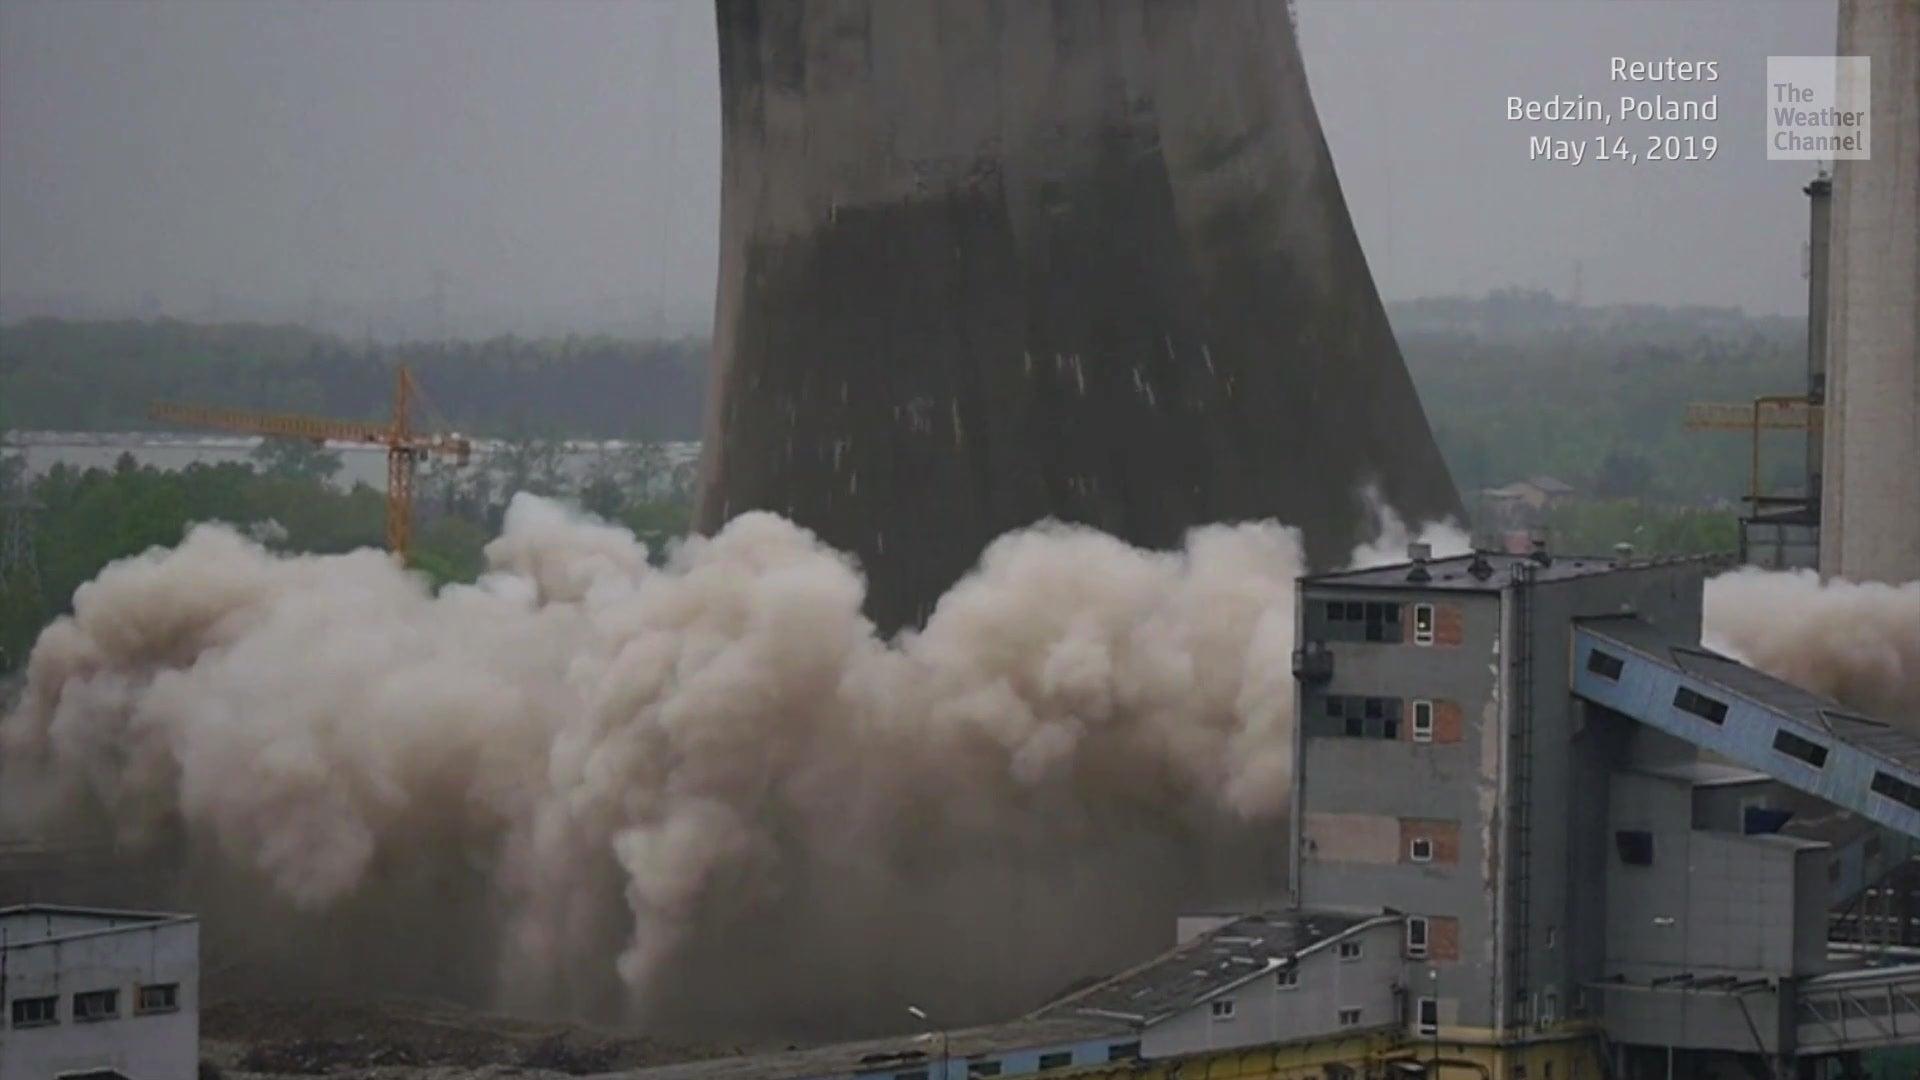 Er entstammt den 60er-Jahren und hielt den Umwelt-Auflagen nicht mehr stand: Ein Kühlturm im polnischen Bedzin ist diese Woche gesprengt worden. Immer wieder faszinierend, wie treffsicher Sprengmeister Gebäude implodieren lassen.